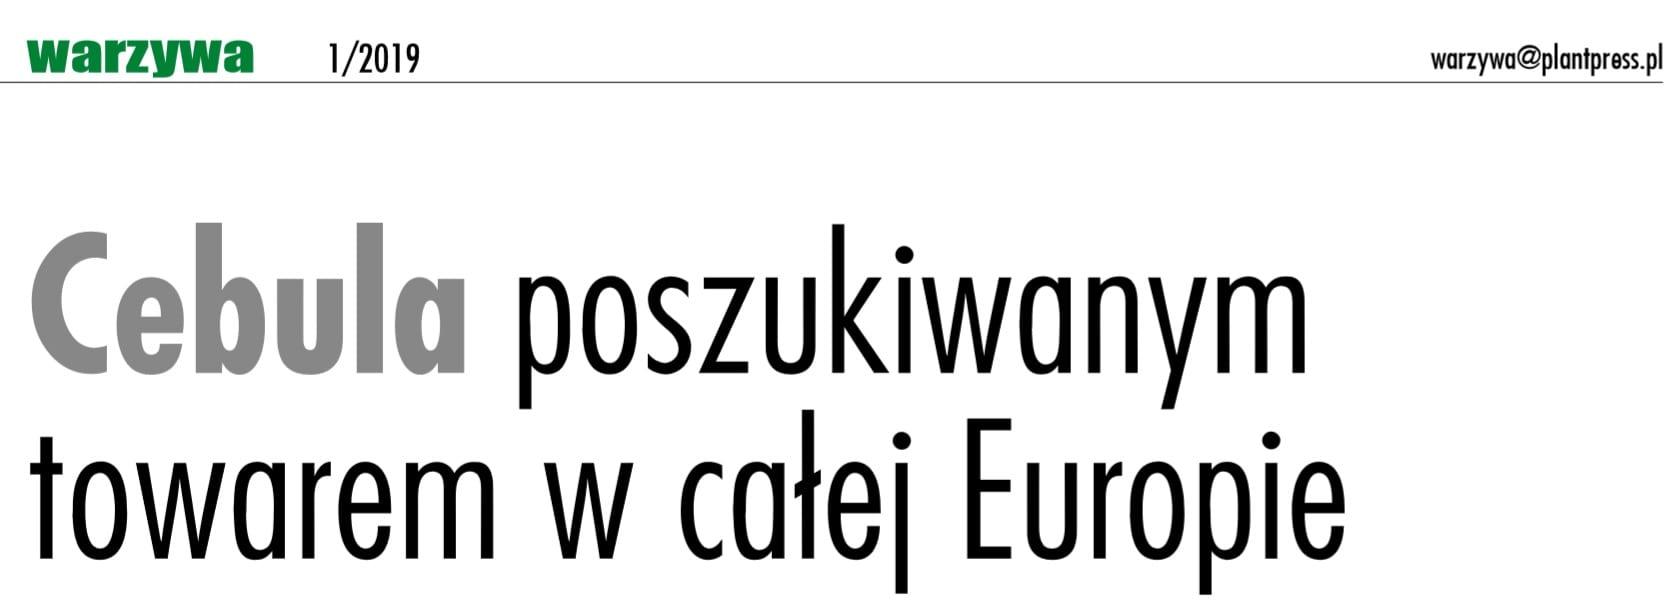 Cebula puszkiwana w całej Europie - zapowiedź.